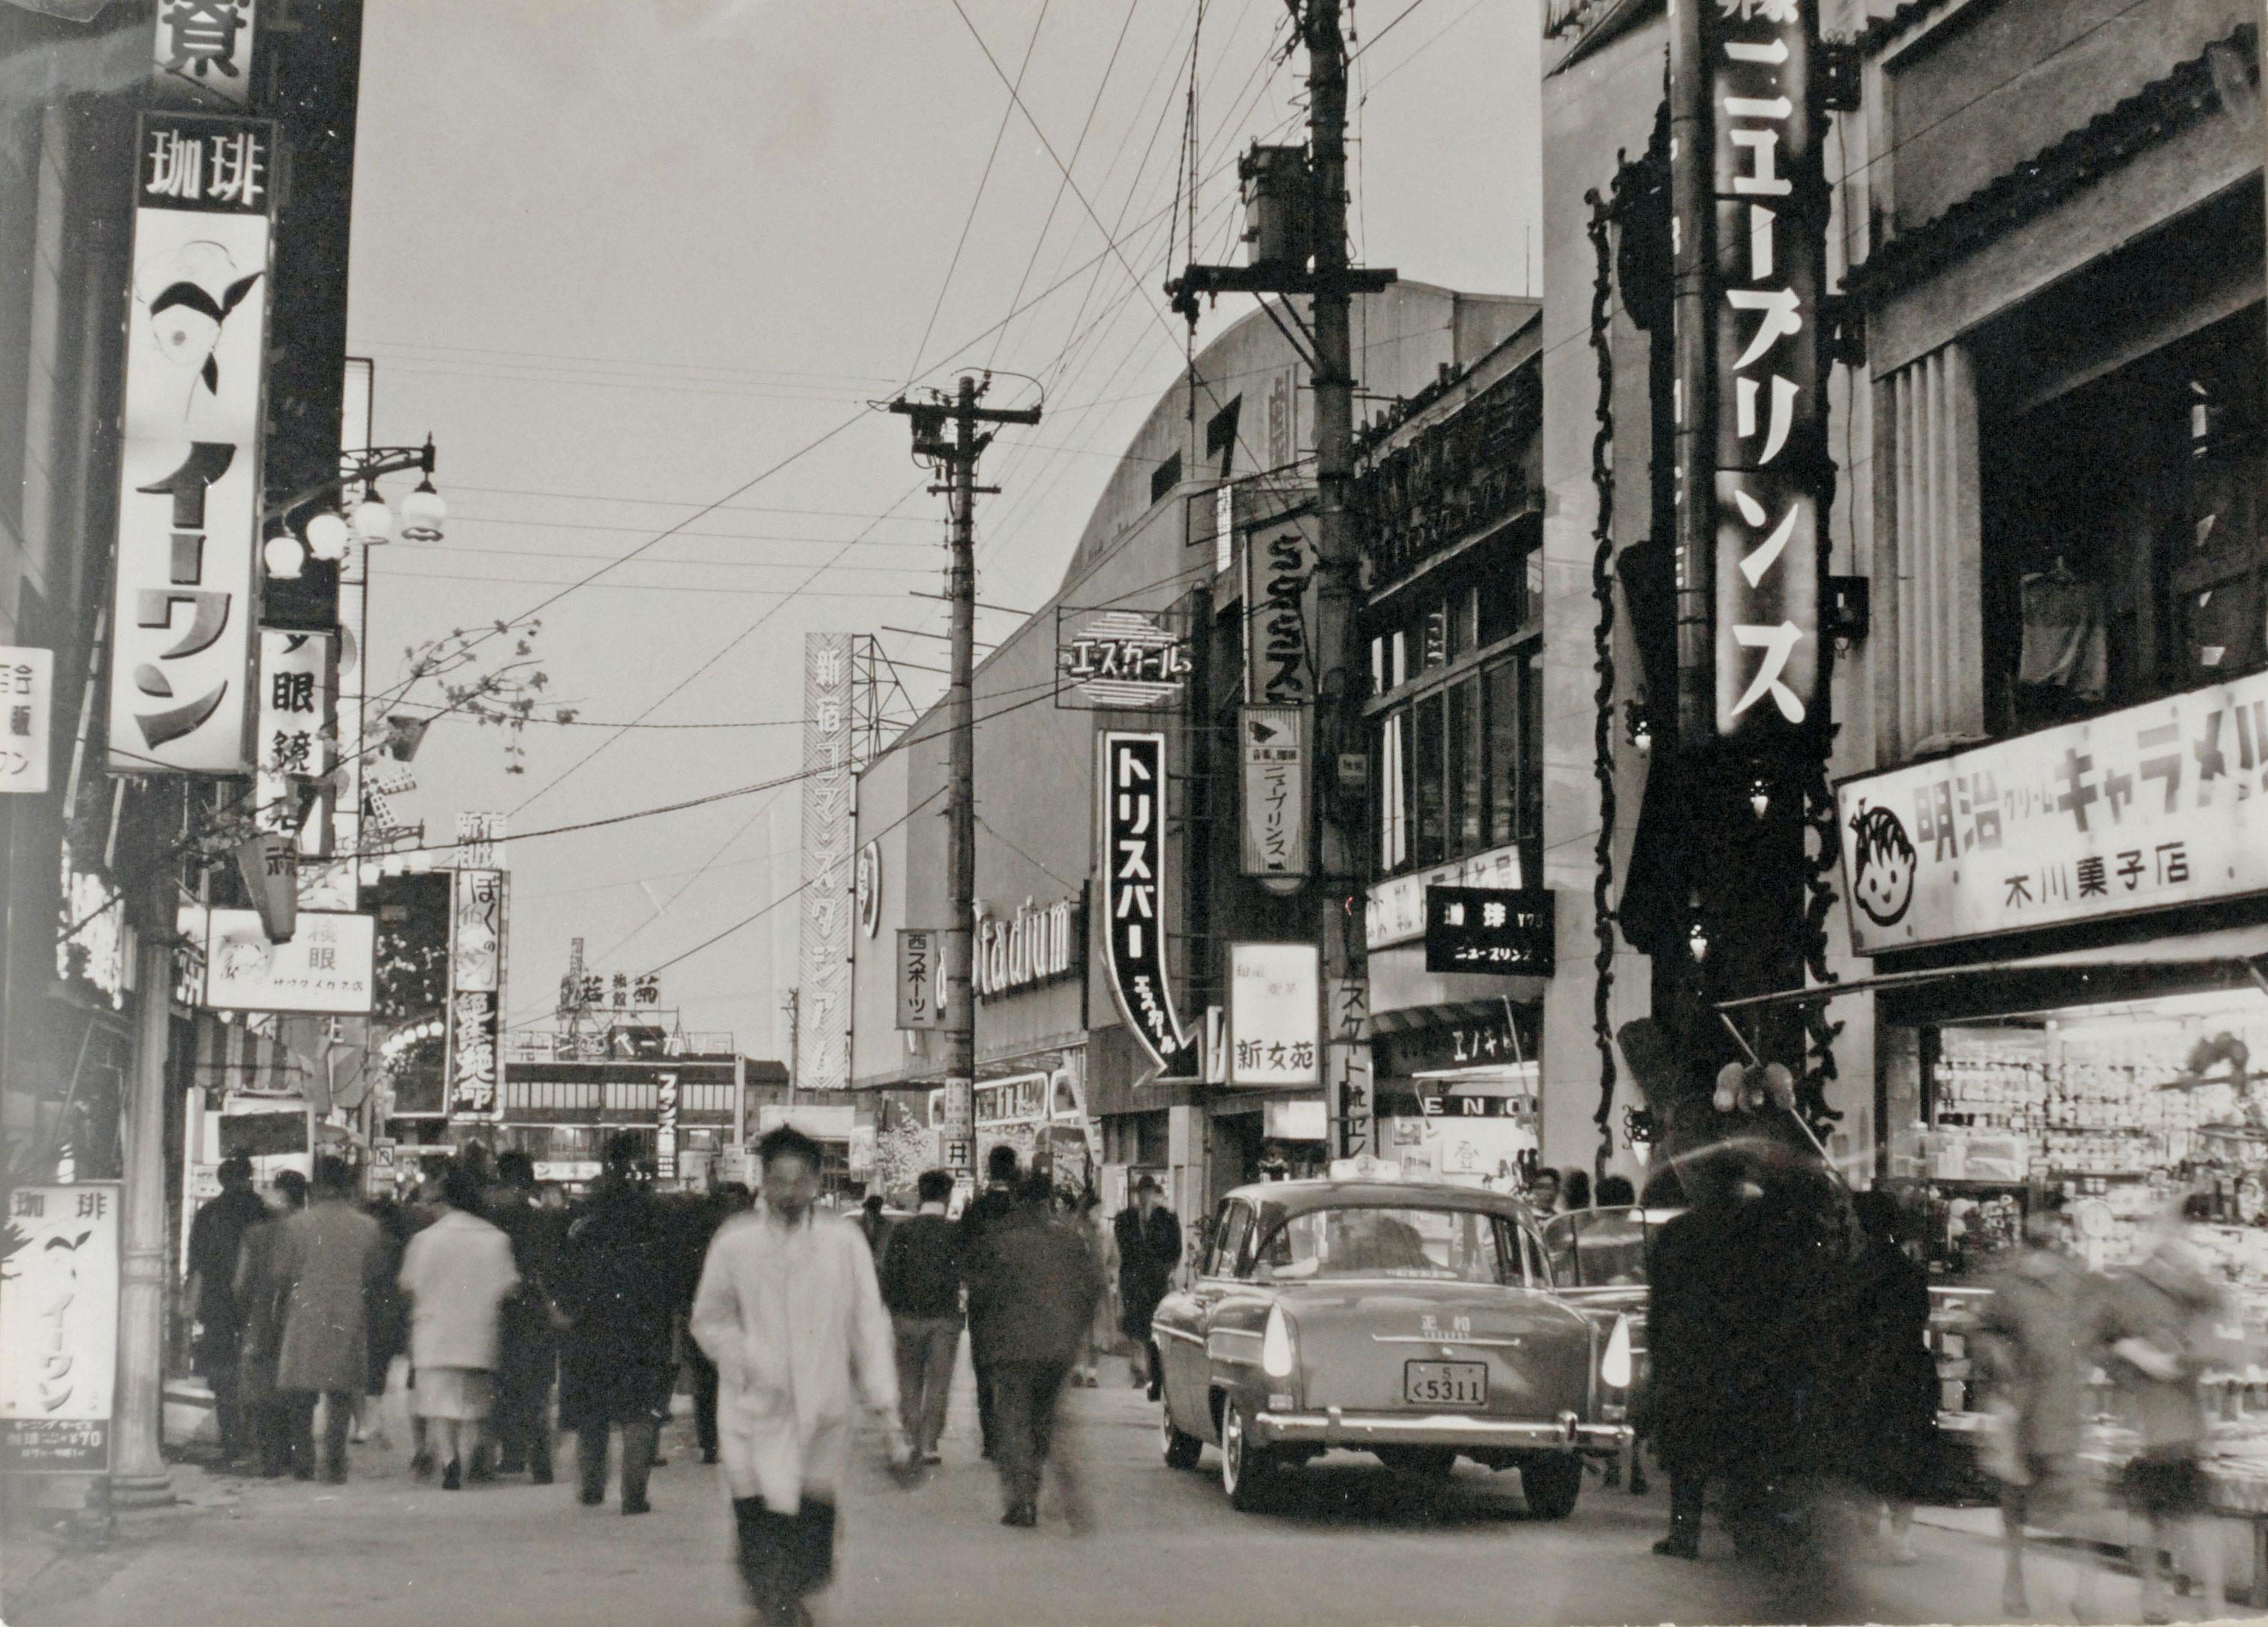 昭和33(1958)年 – 新宿区史年表